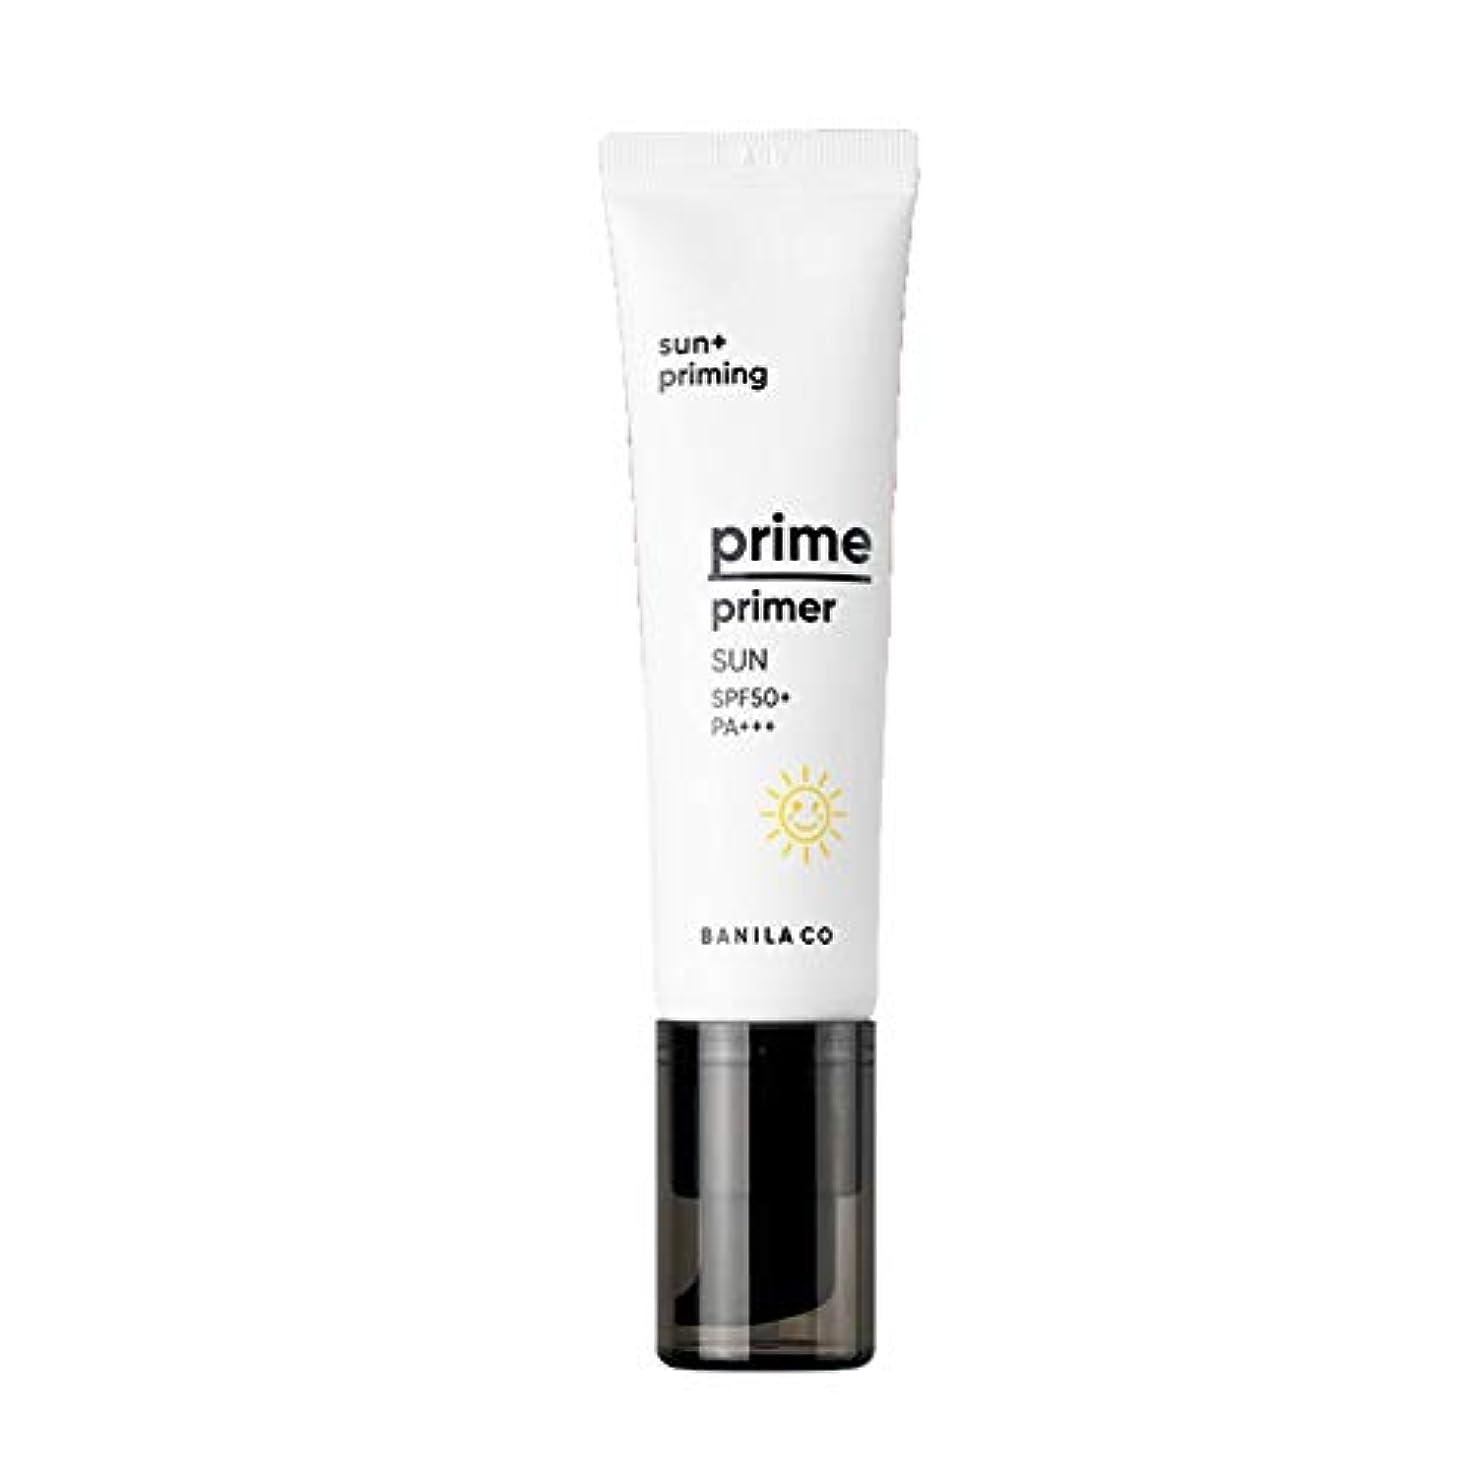 ペナルティ進む変更可能バニラコプライムプライマーサン30mlサンクリーム韓国コスメ、Banila Co Prime Primer Sun 30ml Sun Cream Korean Cosmetics [並行輸入品]